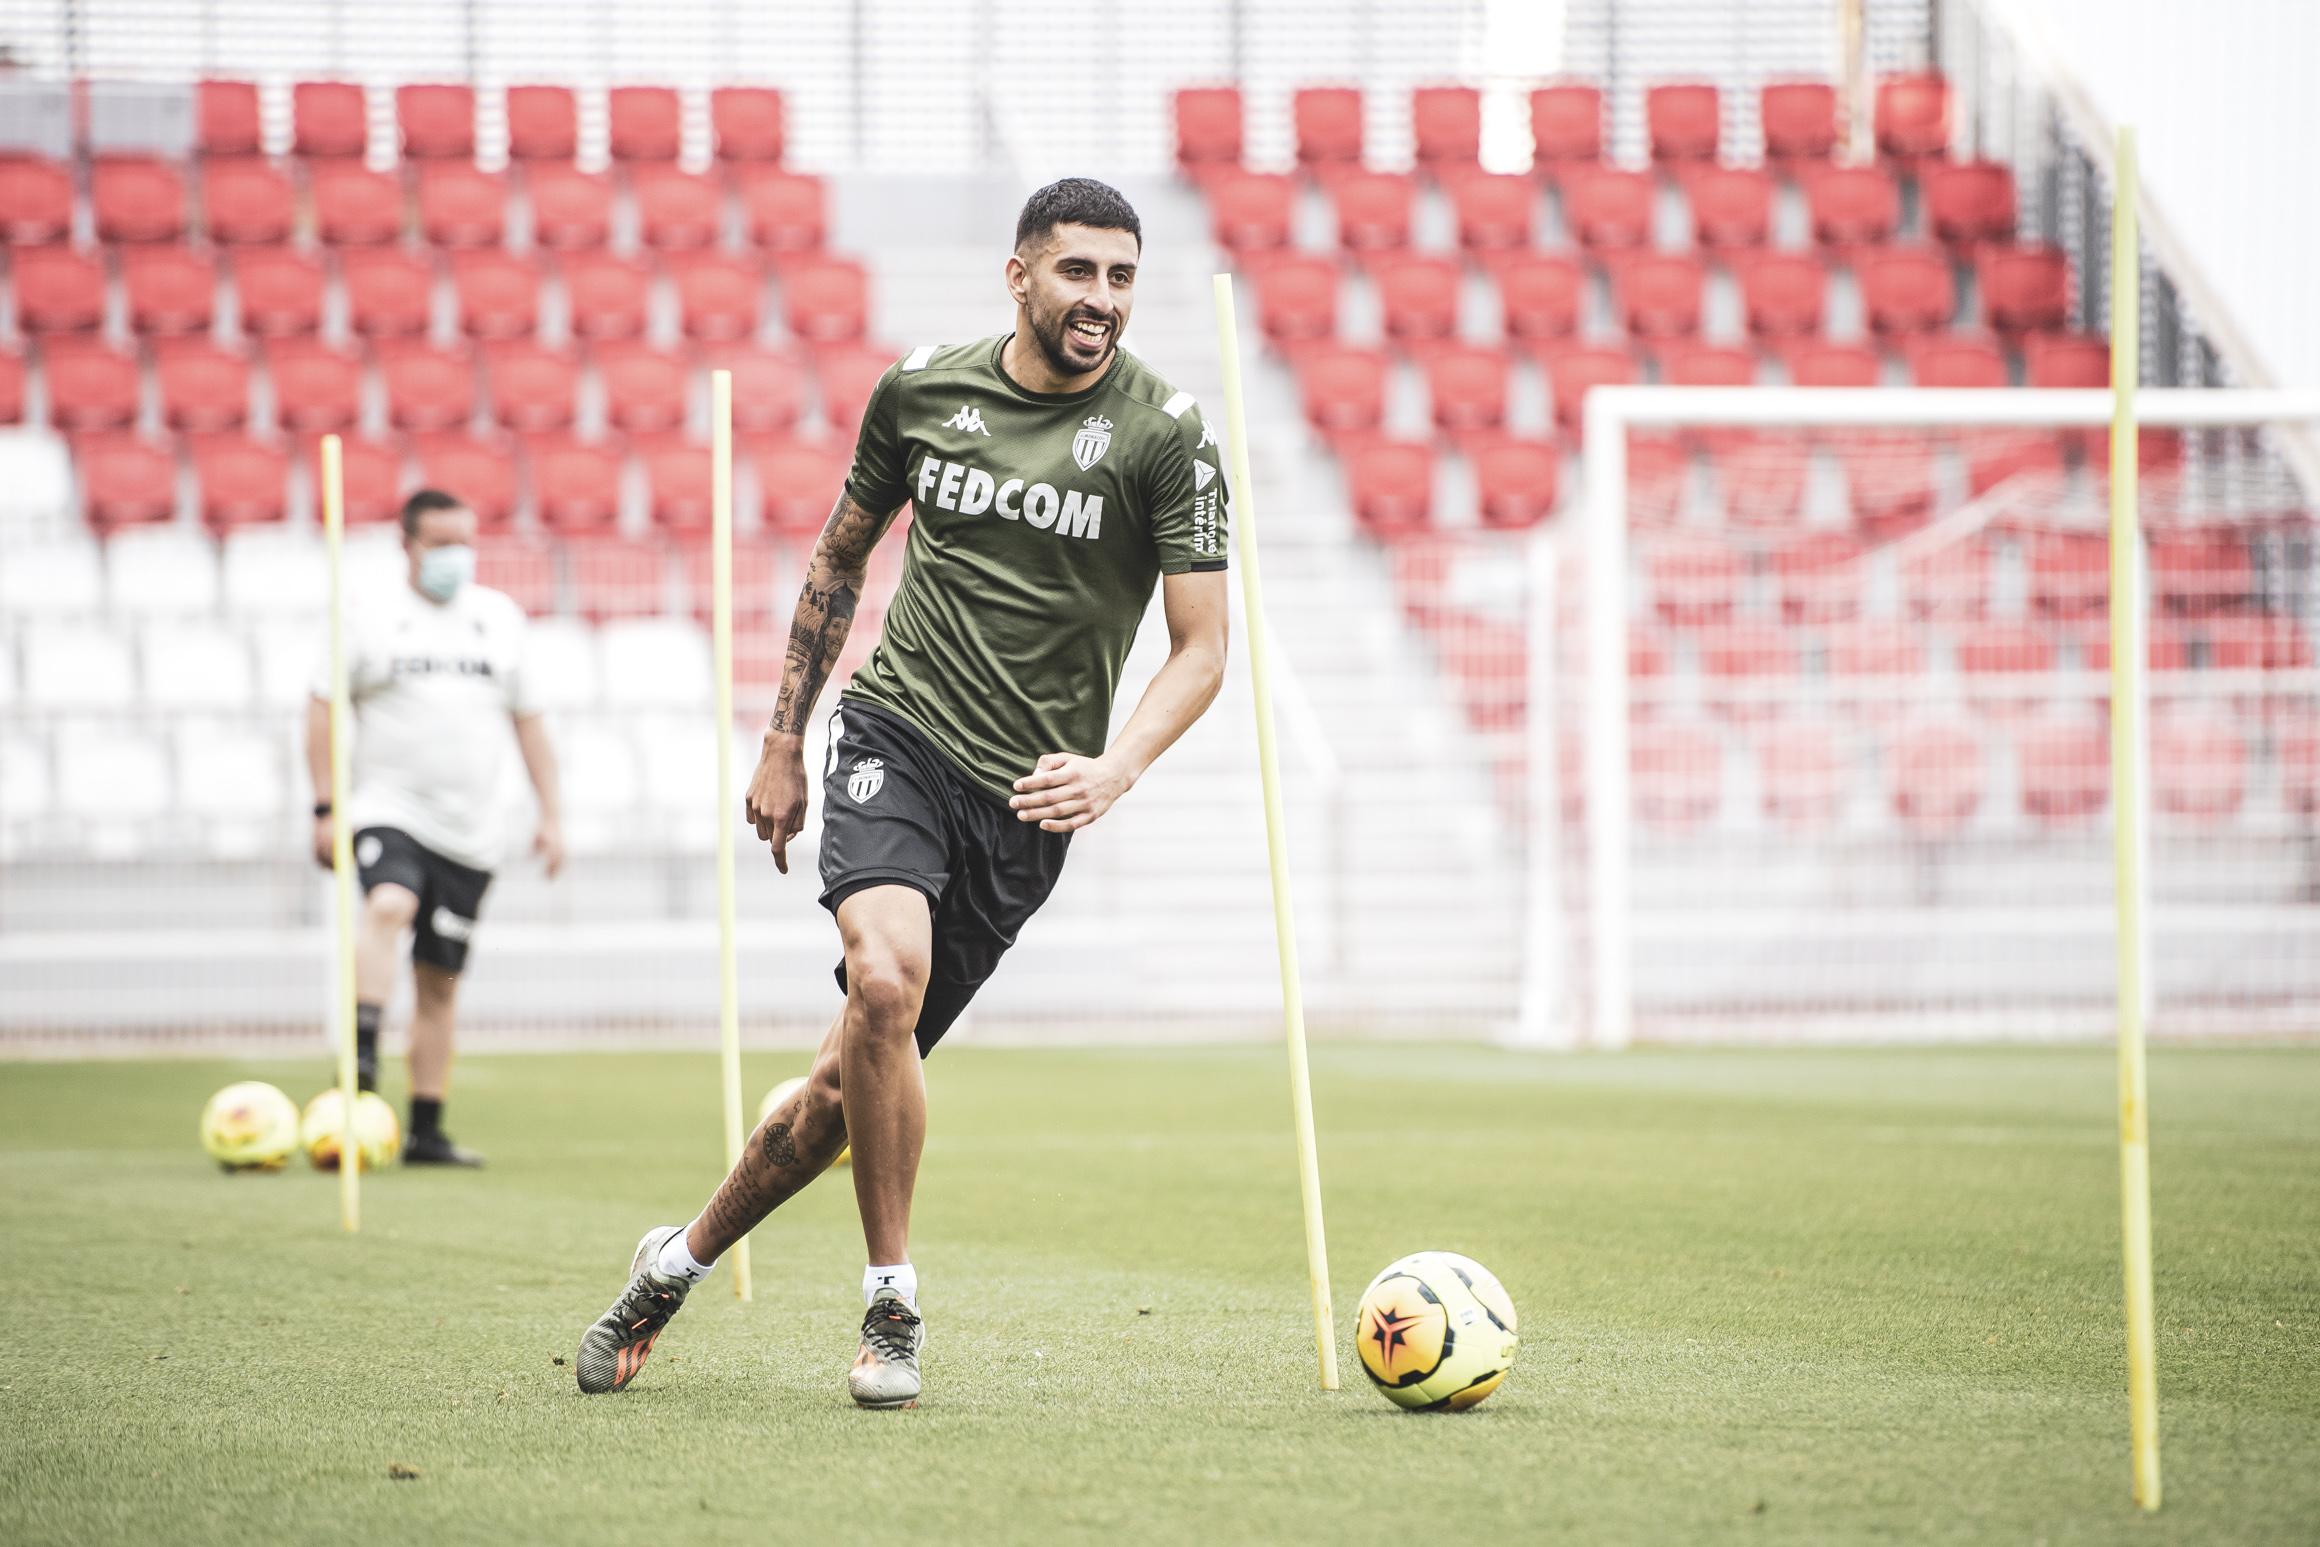 موناكو يعود للتدريبات أكثر قوة وحماس استعداد للدوري الفرنسي (1)